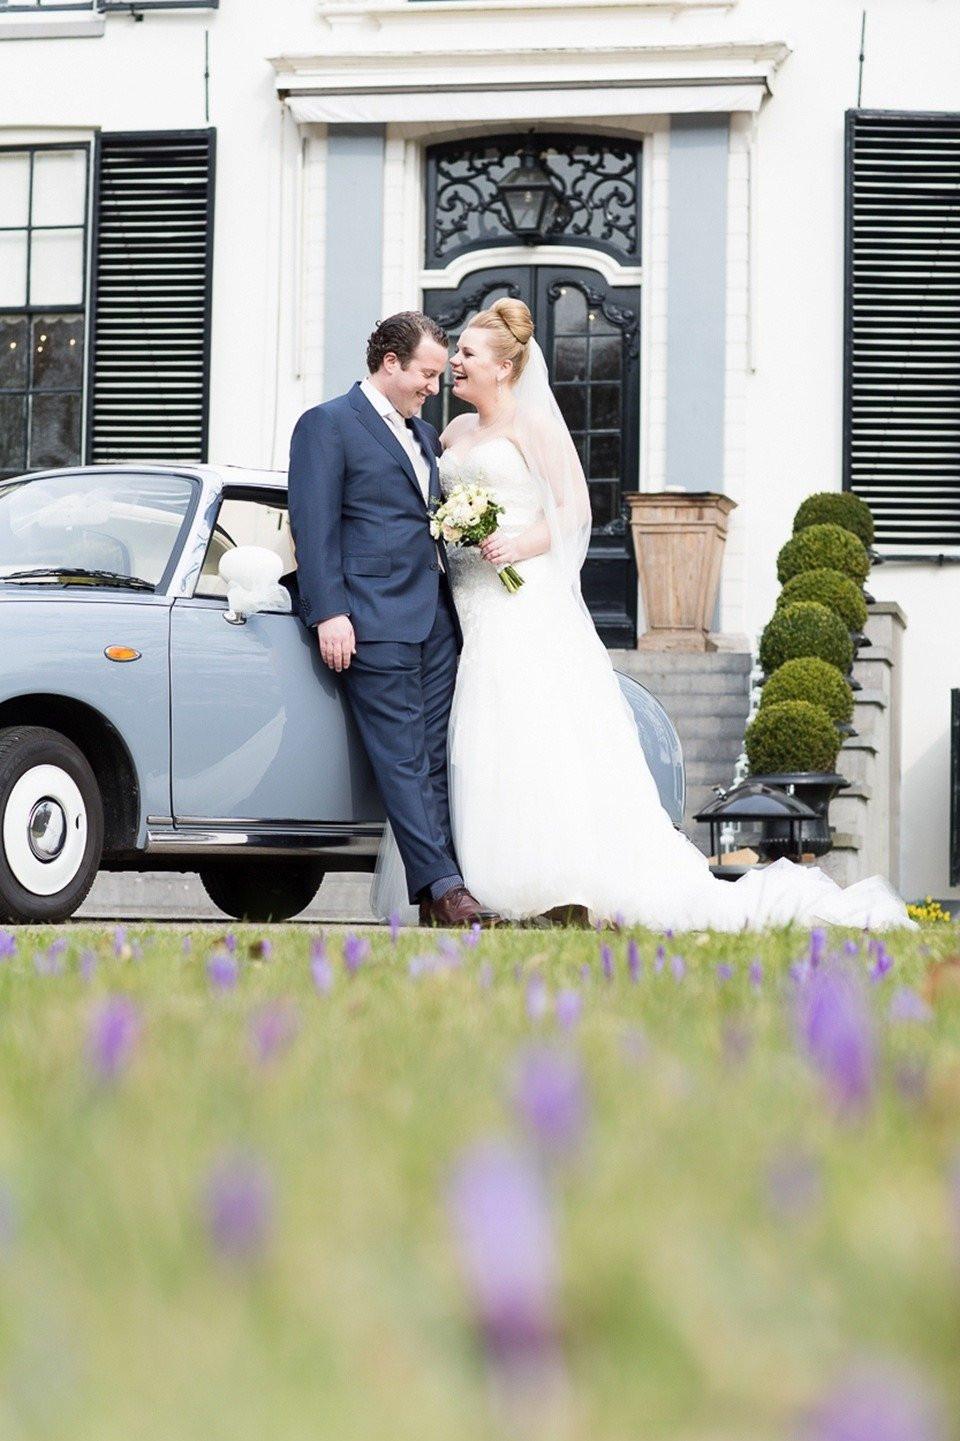 Bruiloft met een eigen huisstijl - Huisstijl amerikaanse ...